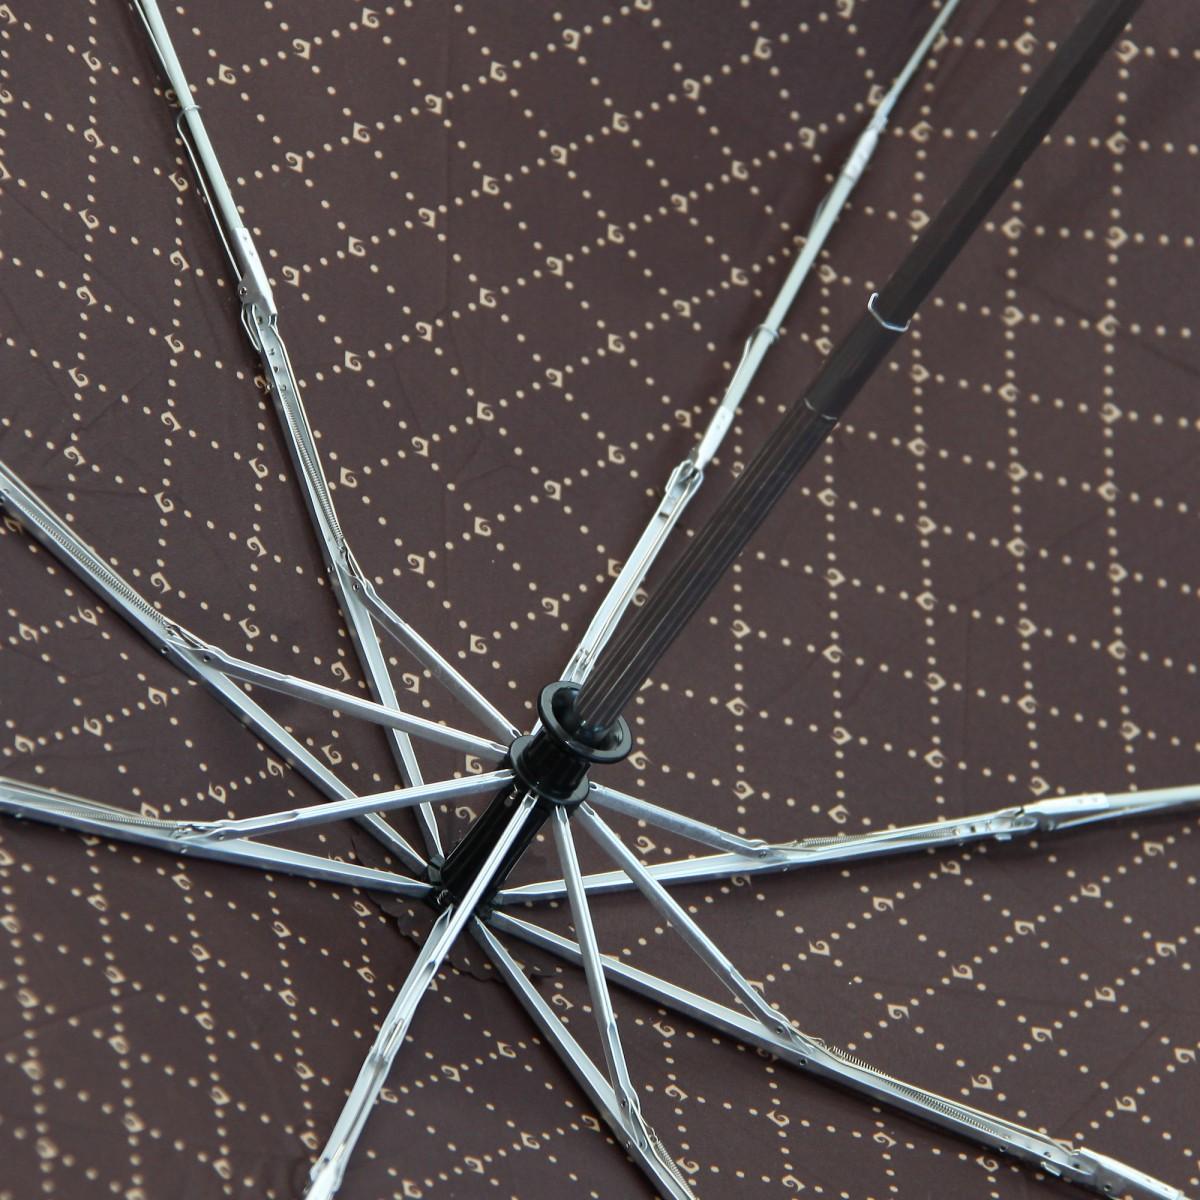 Taschenschirm Easymatic Pierre Cardin